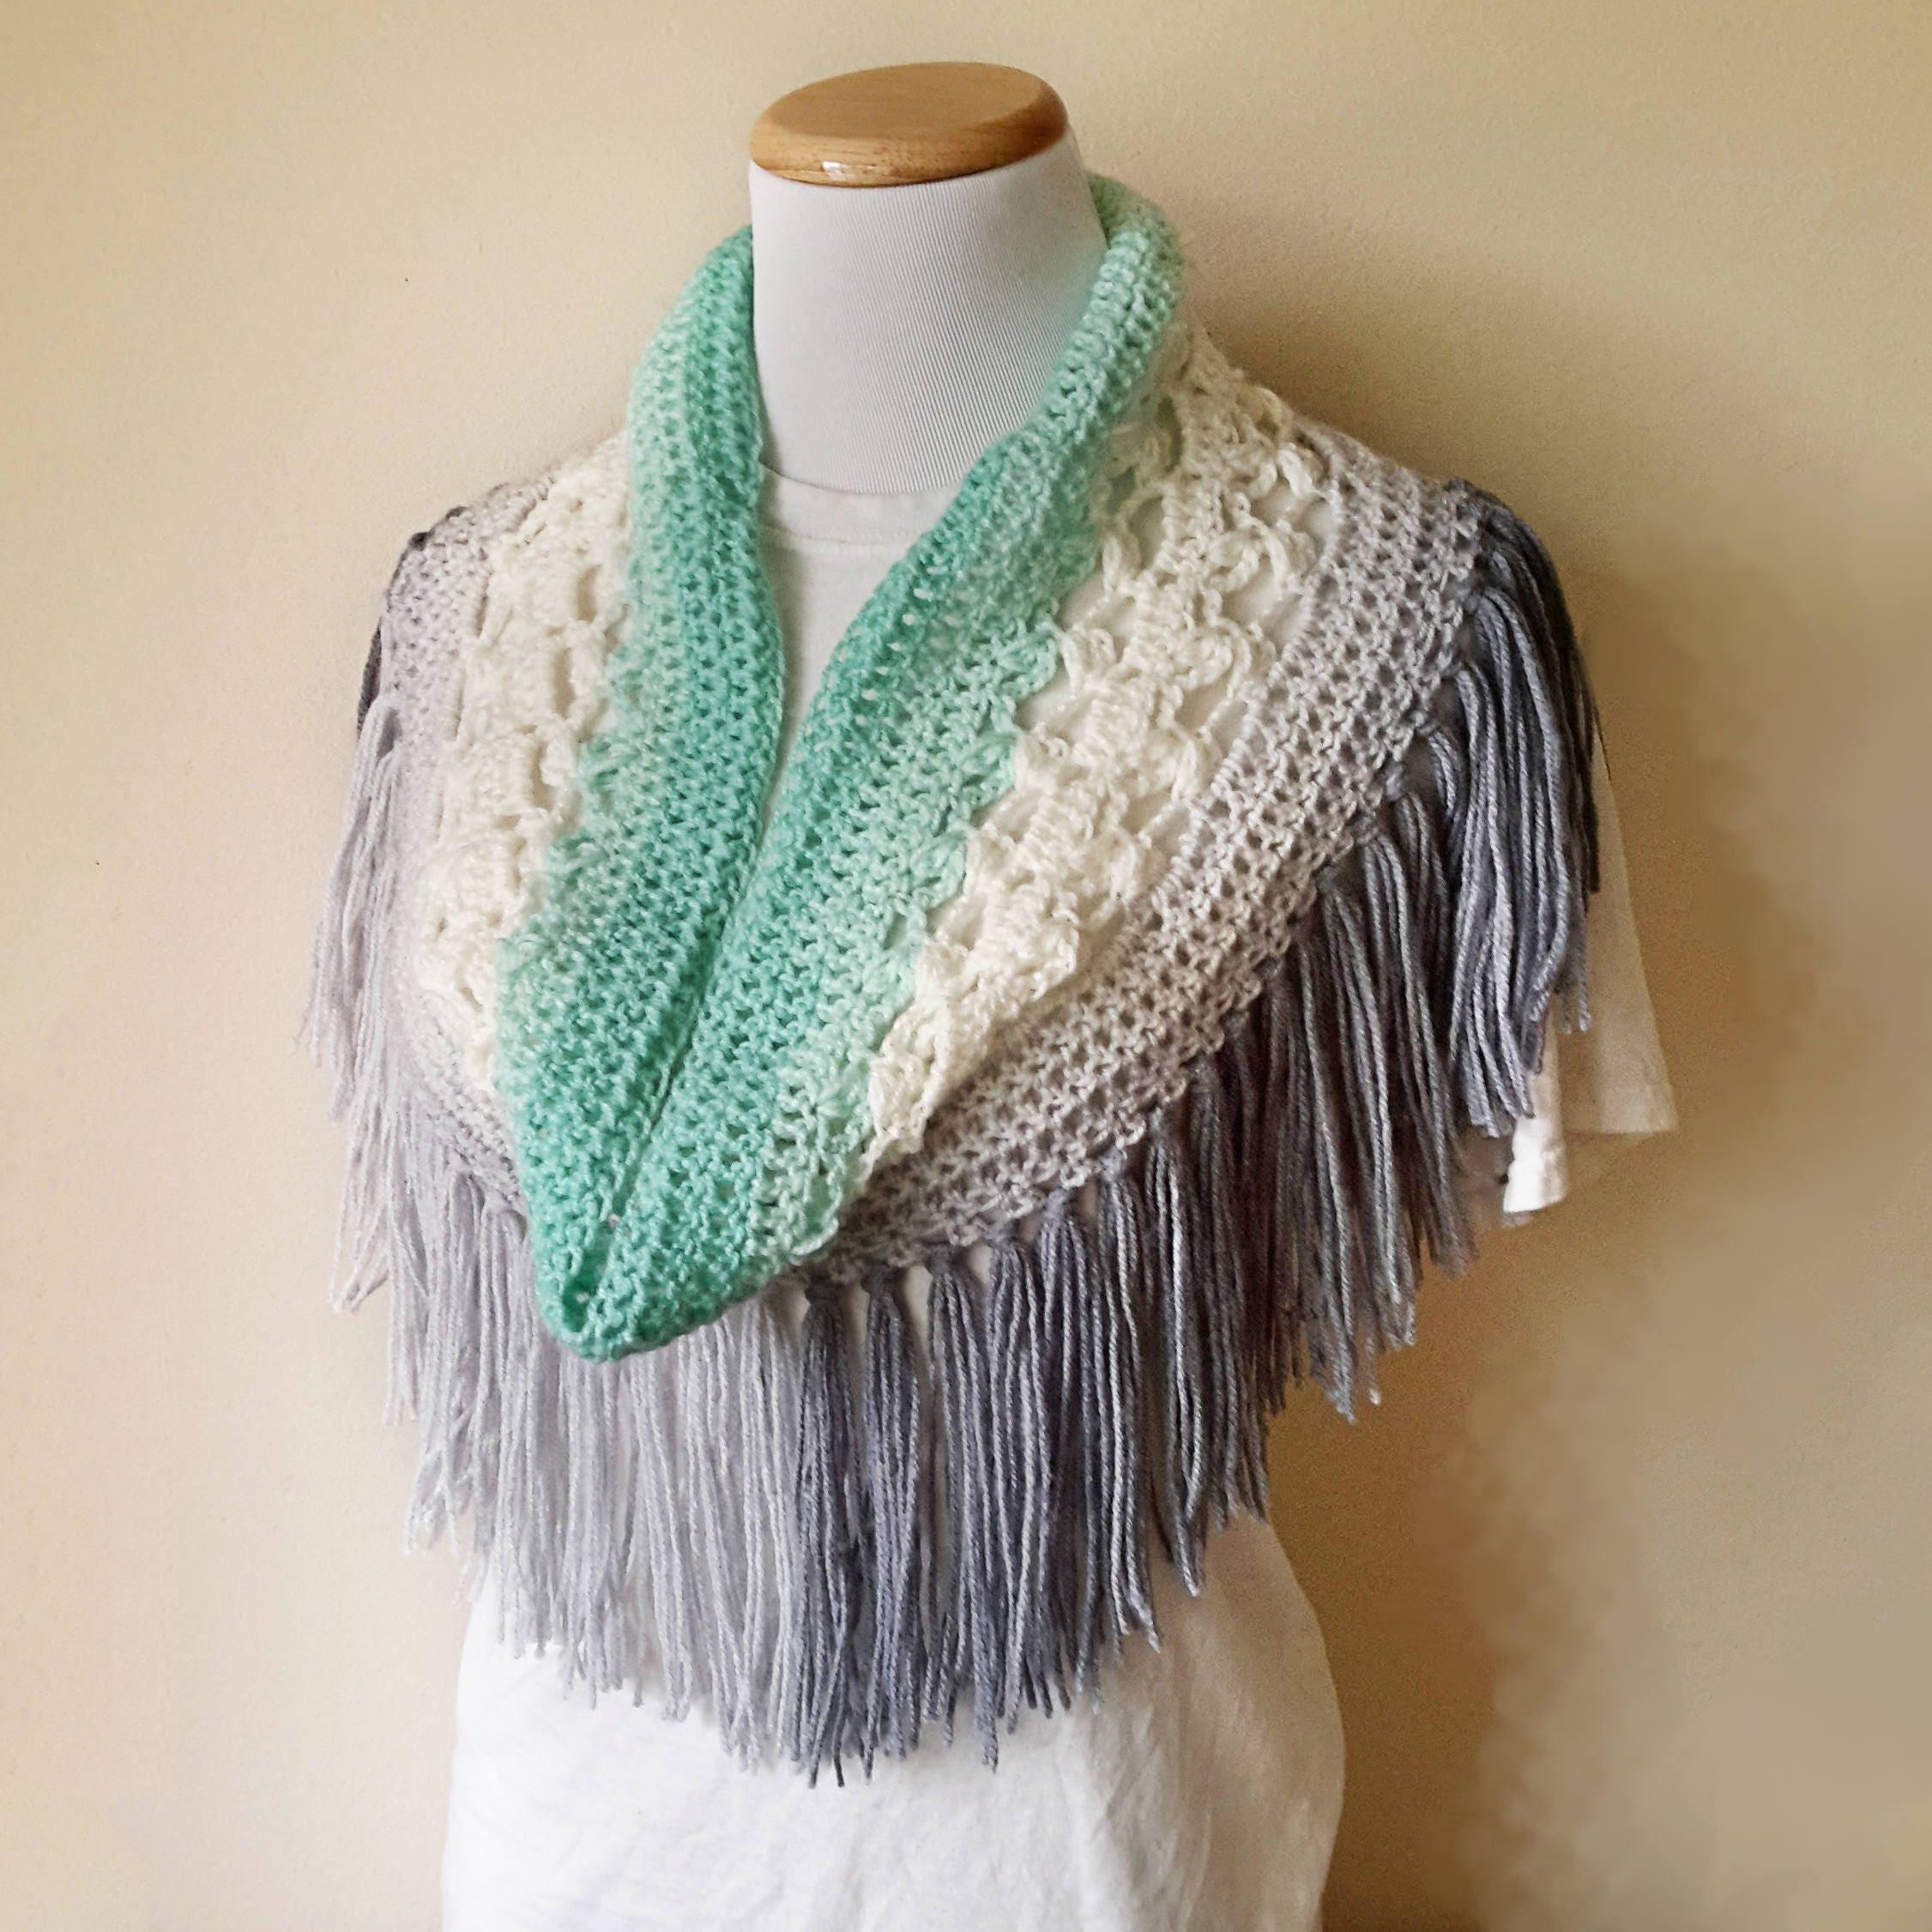 Crochet Fringe Scarf Pattern Fringed Cowl Crochet Beginner Etsy